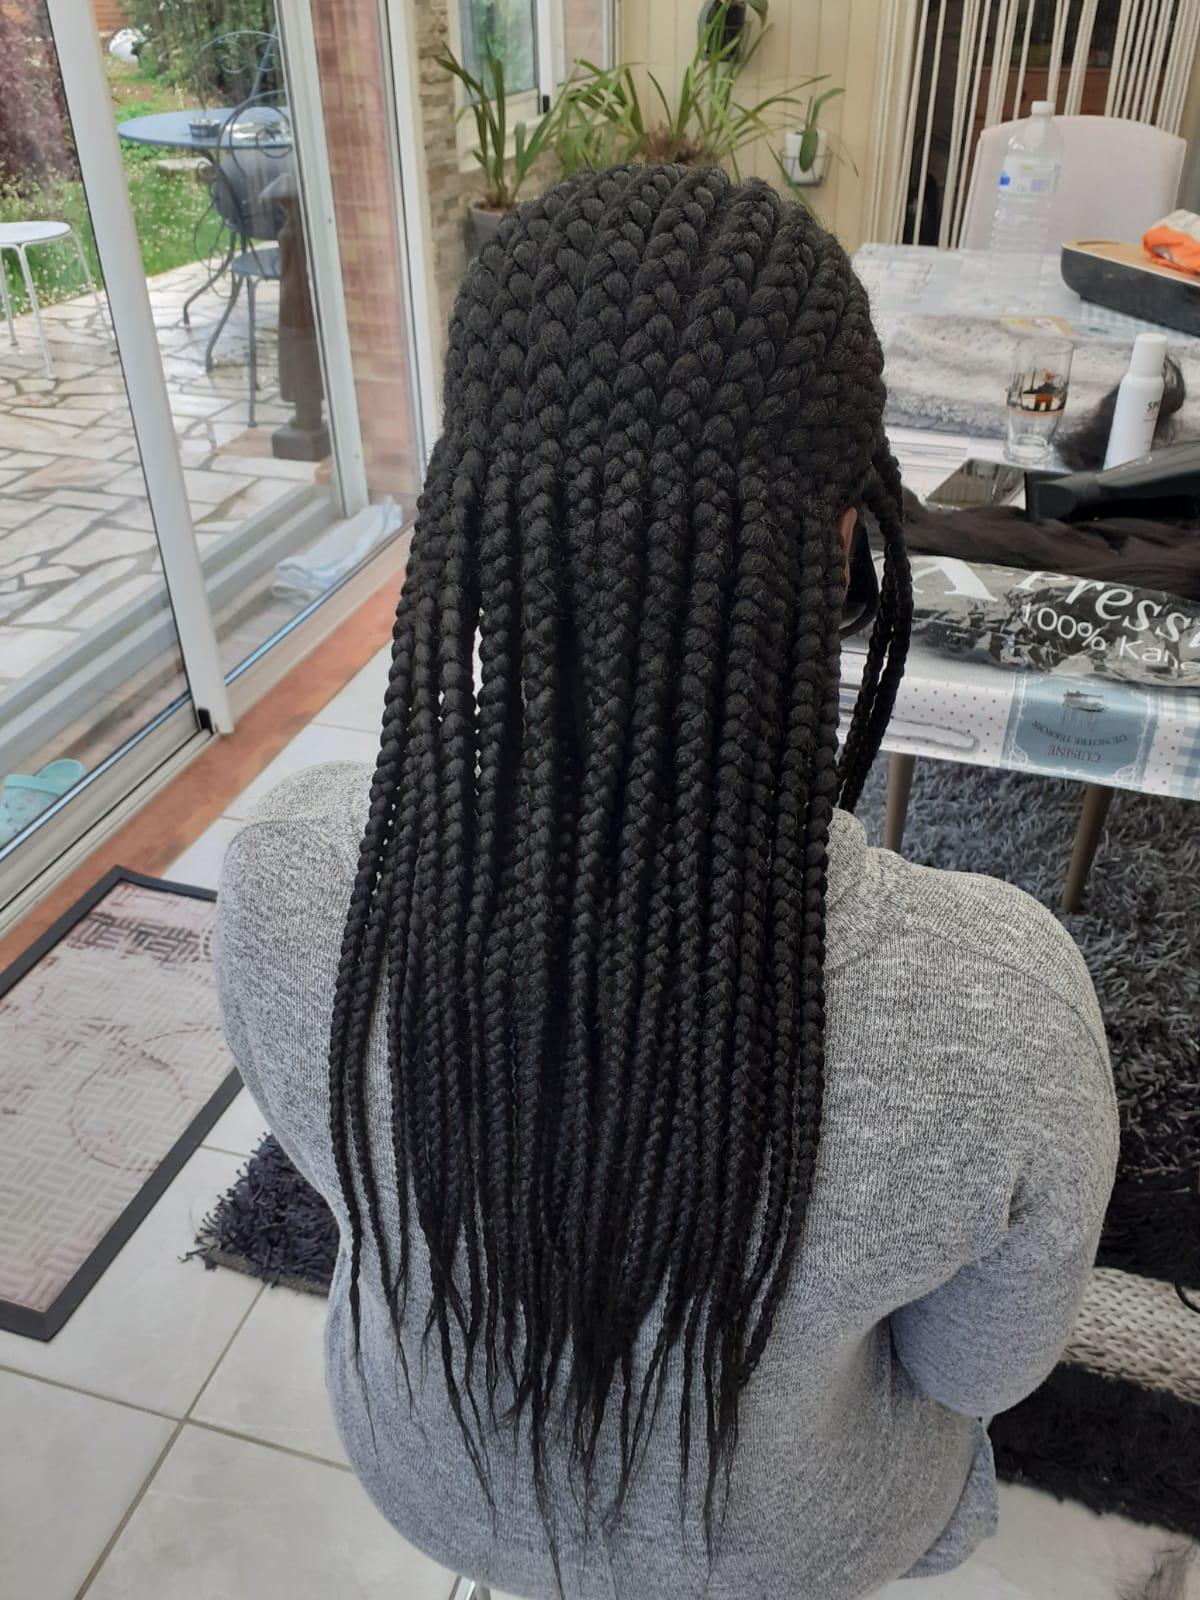 salon de coiffure afro tresse tresses box braids crochet braids vanilles tissages paris 75 77 78 91 92 93 94 95 ZRNWHCVS